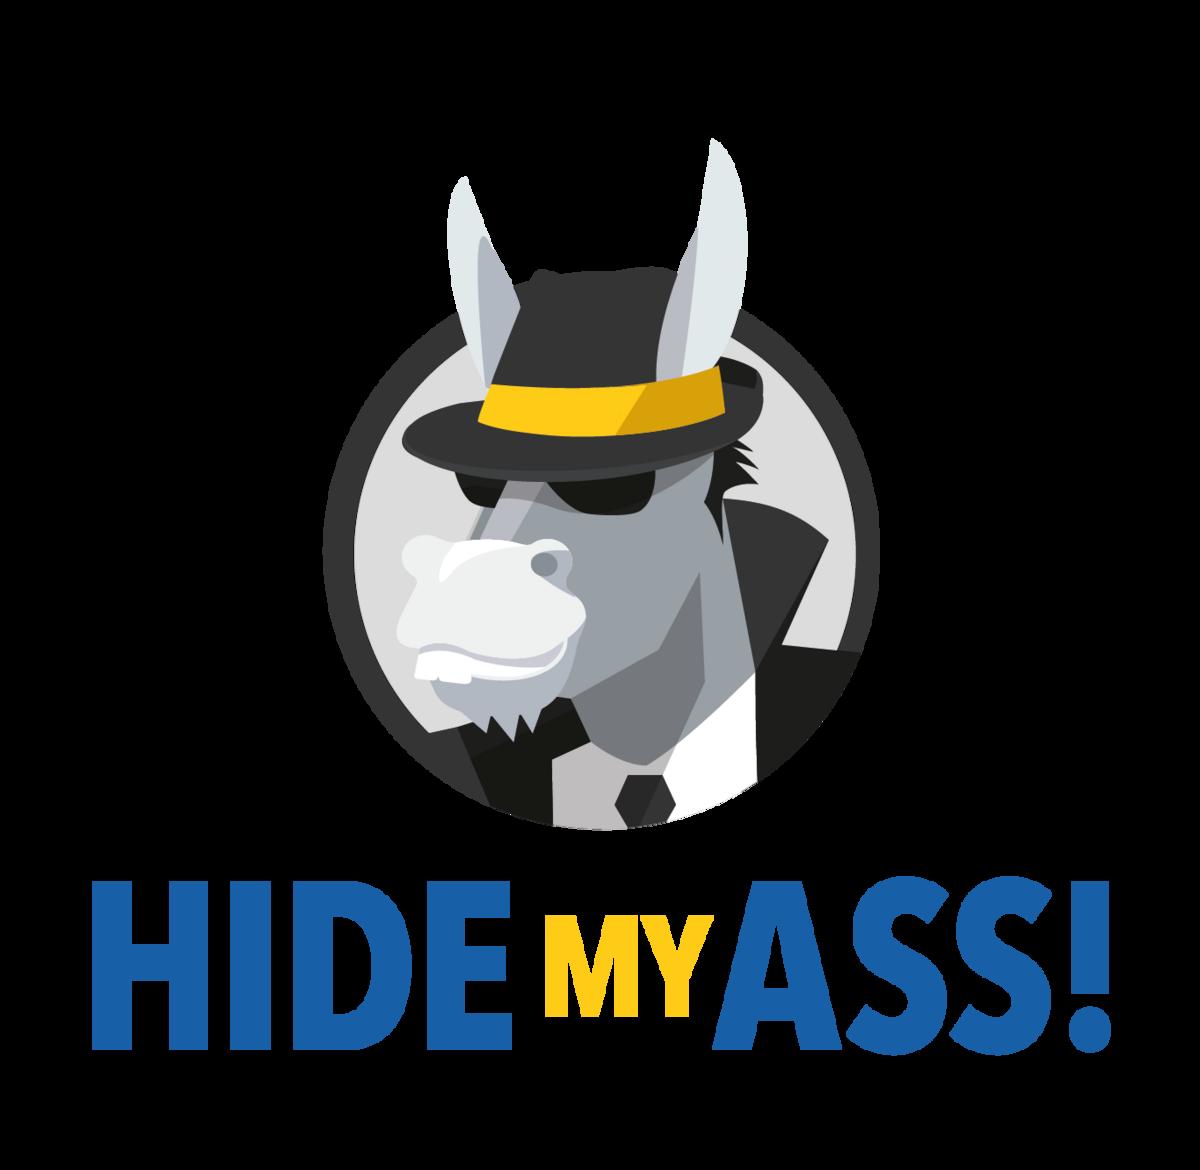 logo HideMyAss NEW